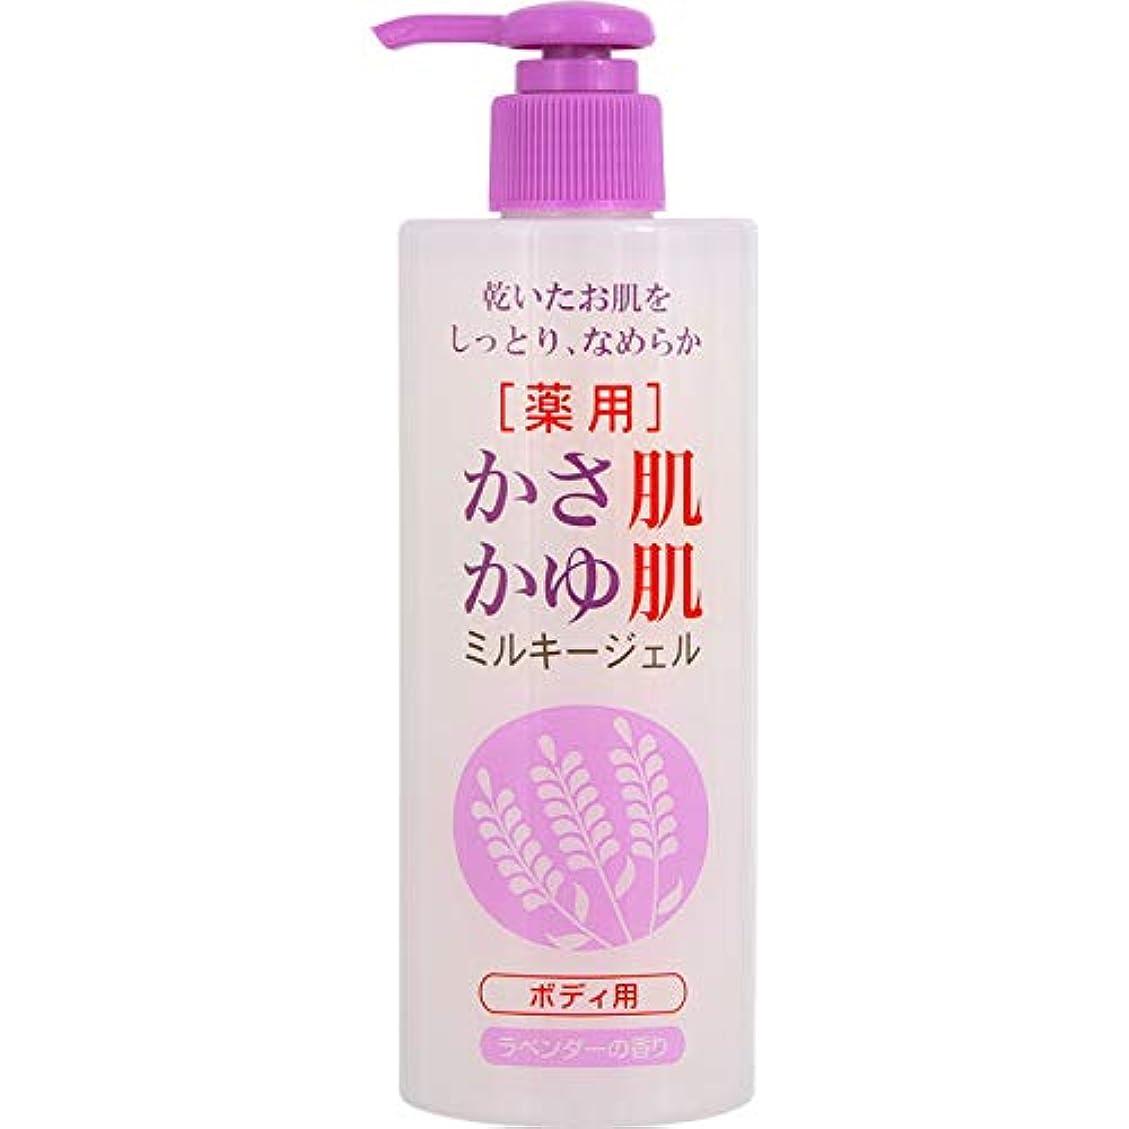 干し草リブエンゲージメント薬用かさ肌かゆ肌ミルキージェル ラベンダー 300ml (医薬部外品)